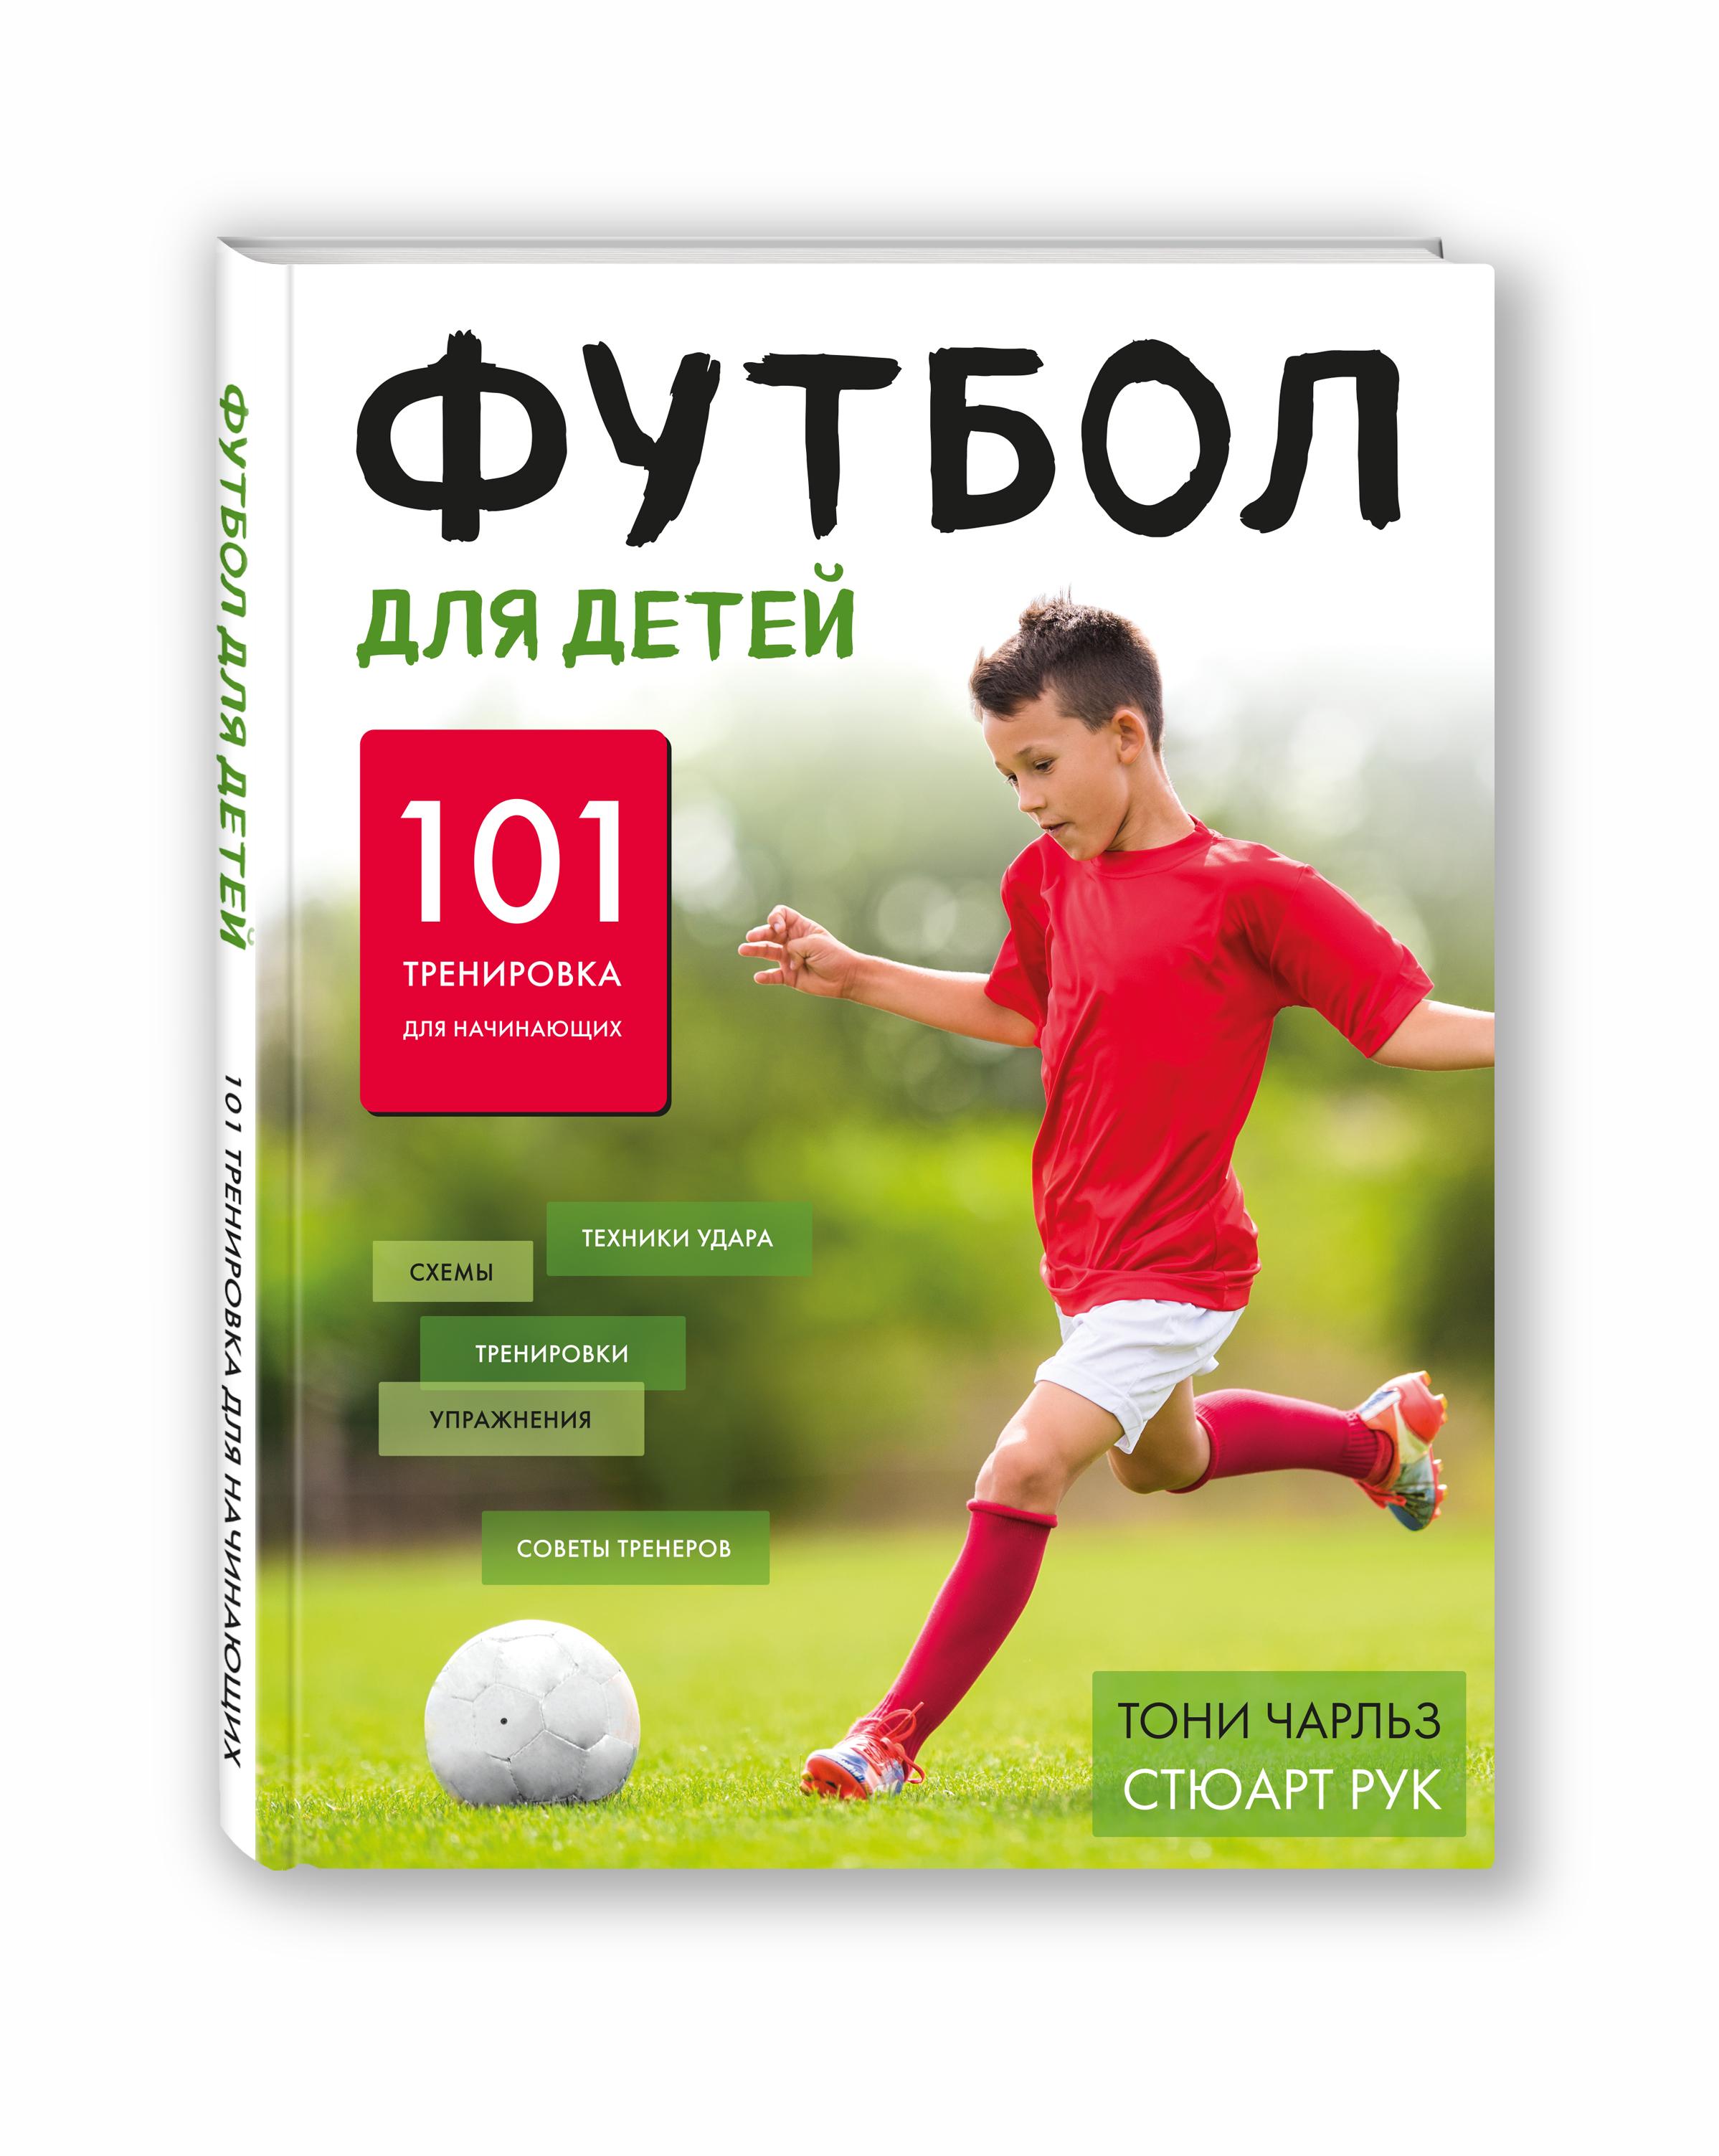 Футбол для детей. 101 тренировка для начинающего футболиста ( Чарльз Т., Рук С.  )